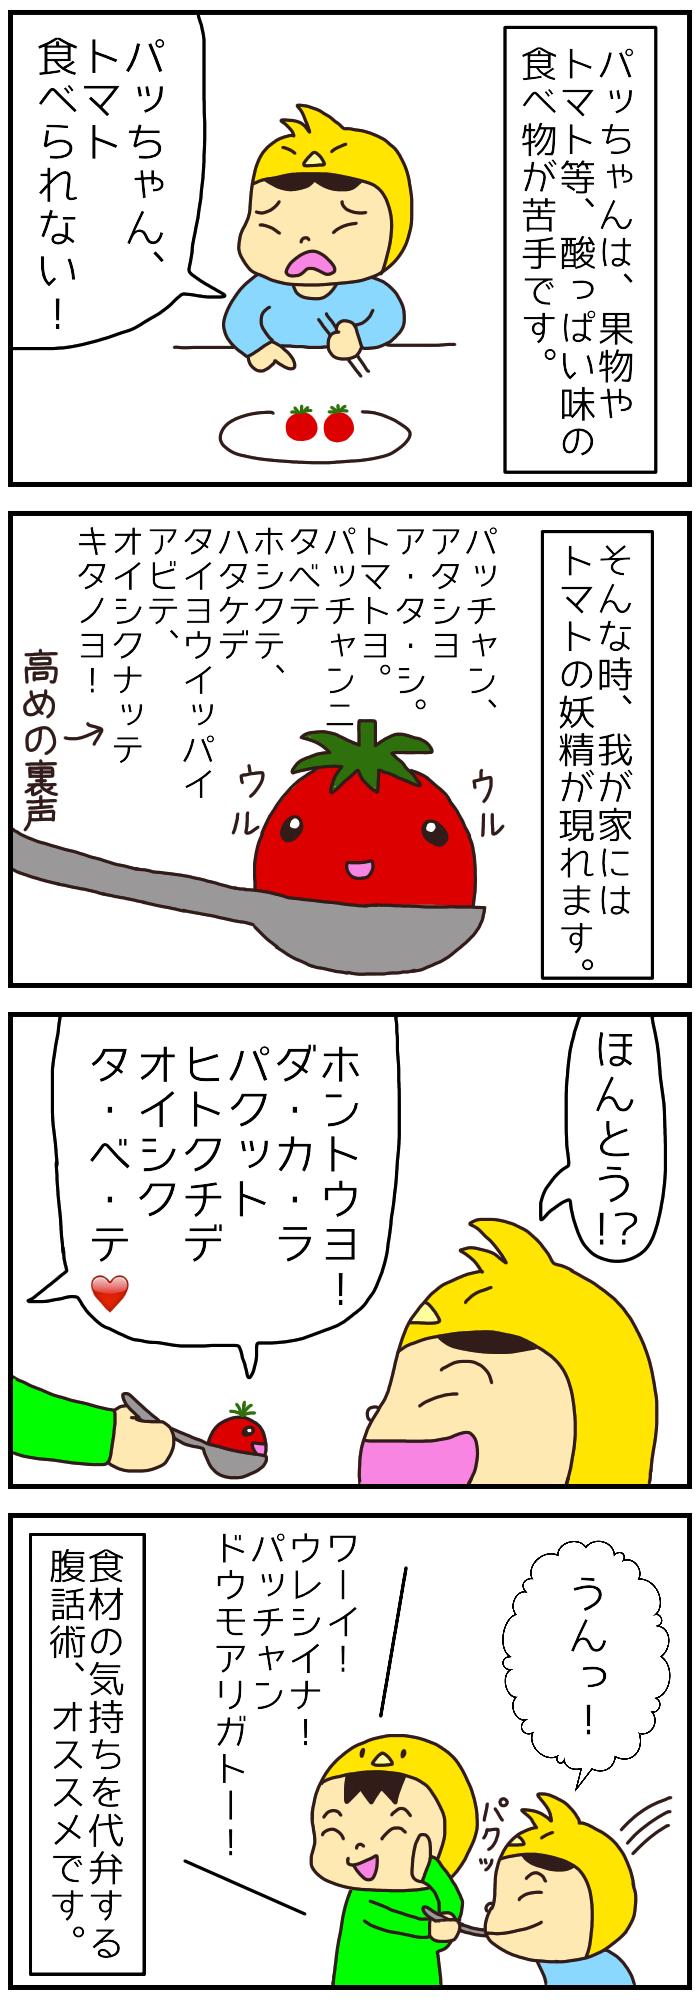 苦手な野菜克服法